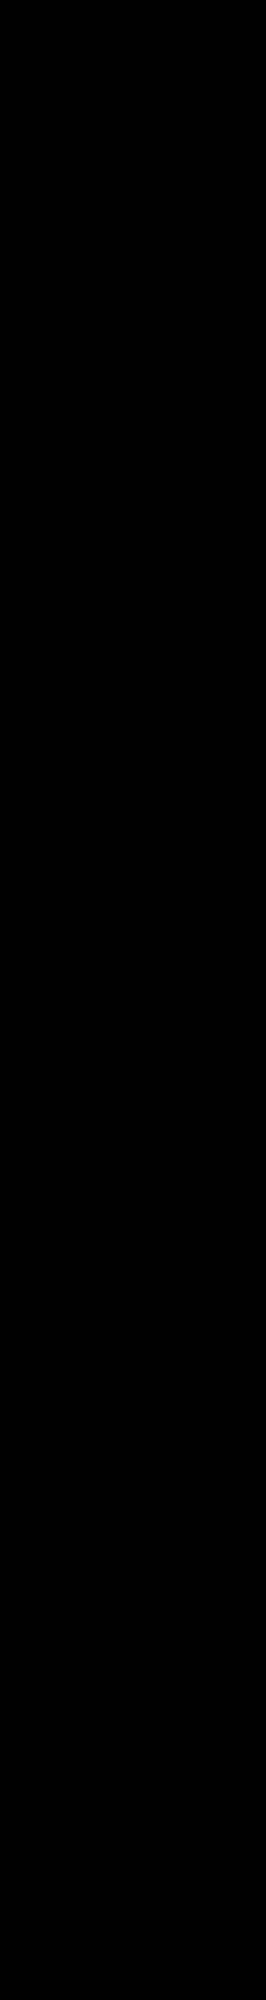 black-100